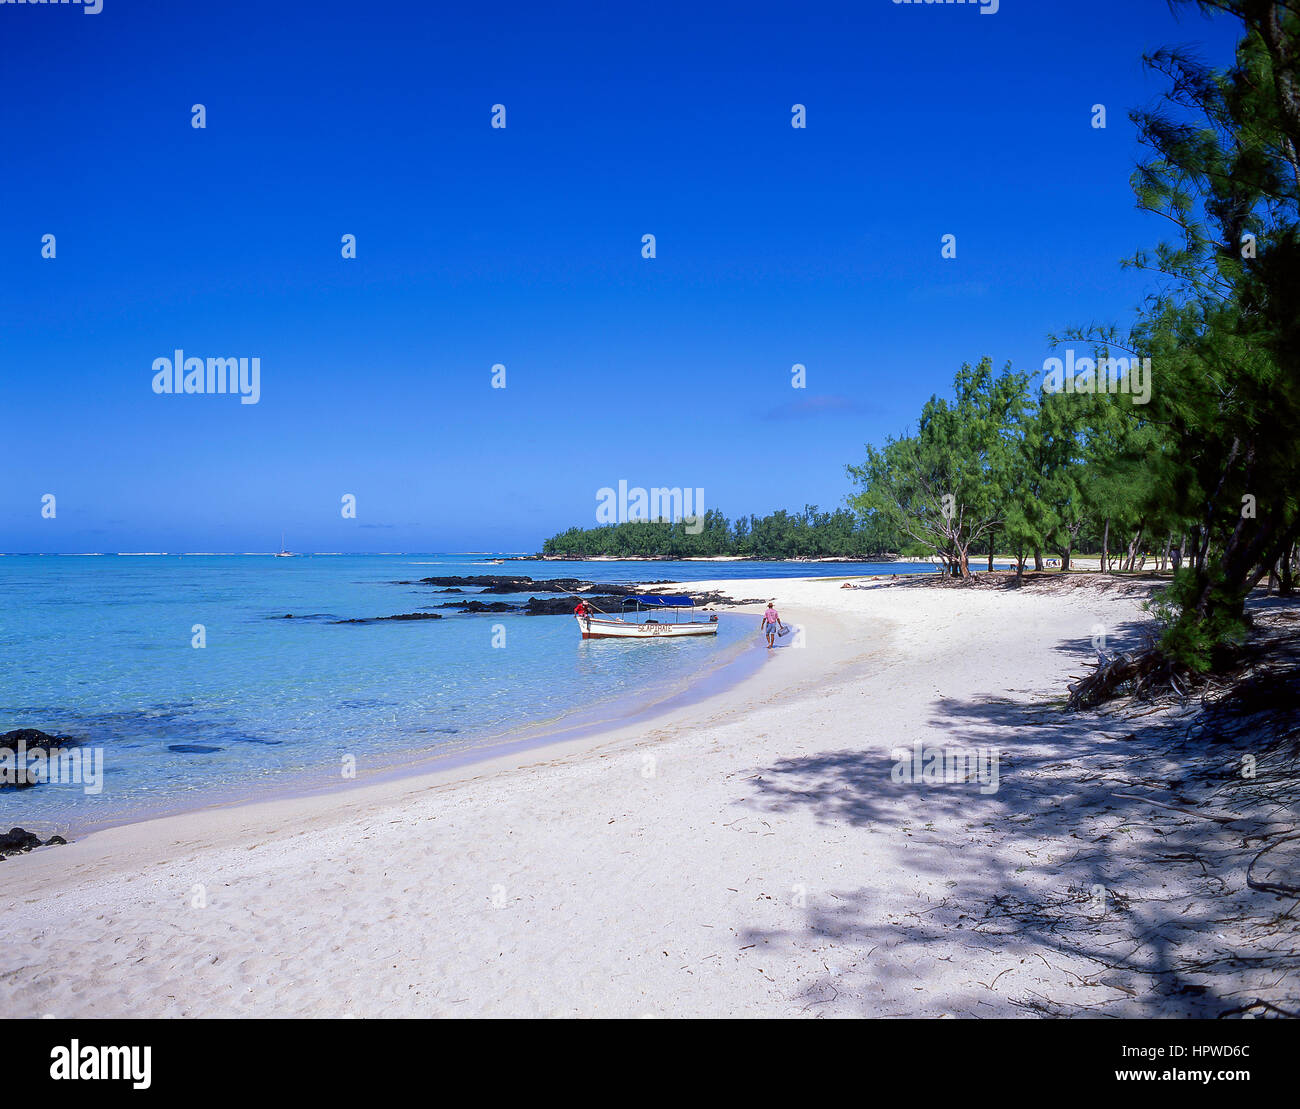 Ile Aux Cerfs Beach, Ile Aux Cerfs Island, Flacq, Republic of Mauritius Stock Photo